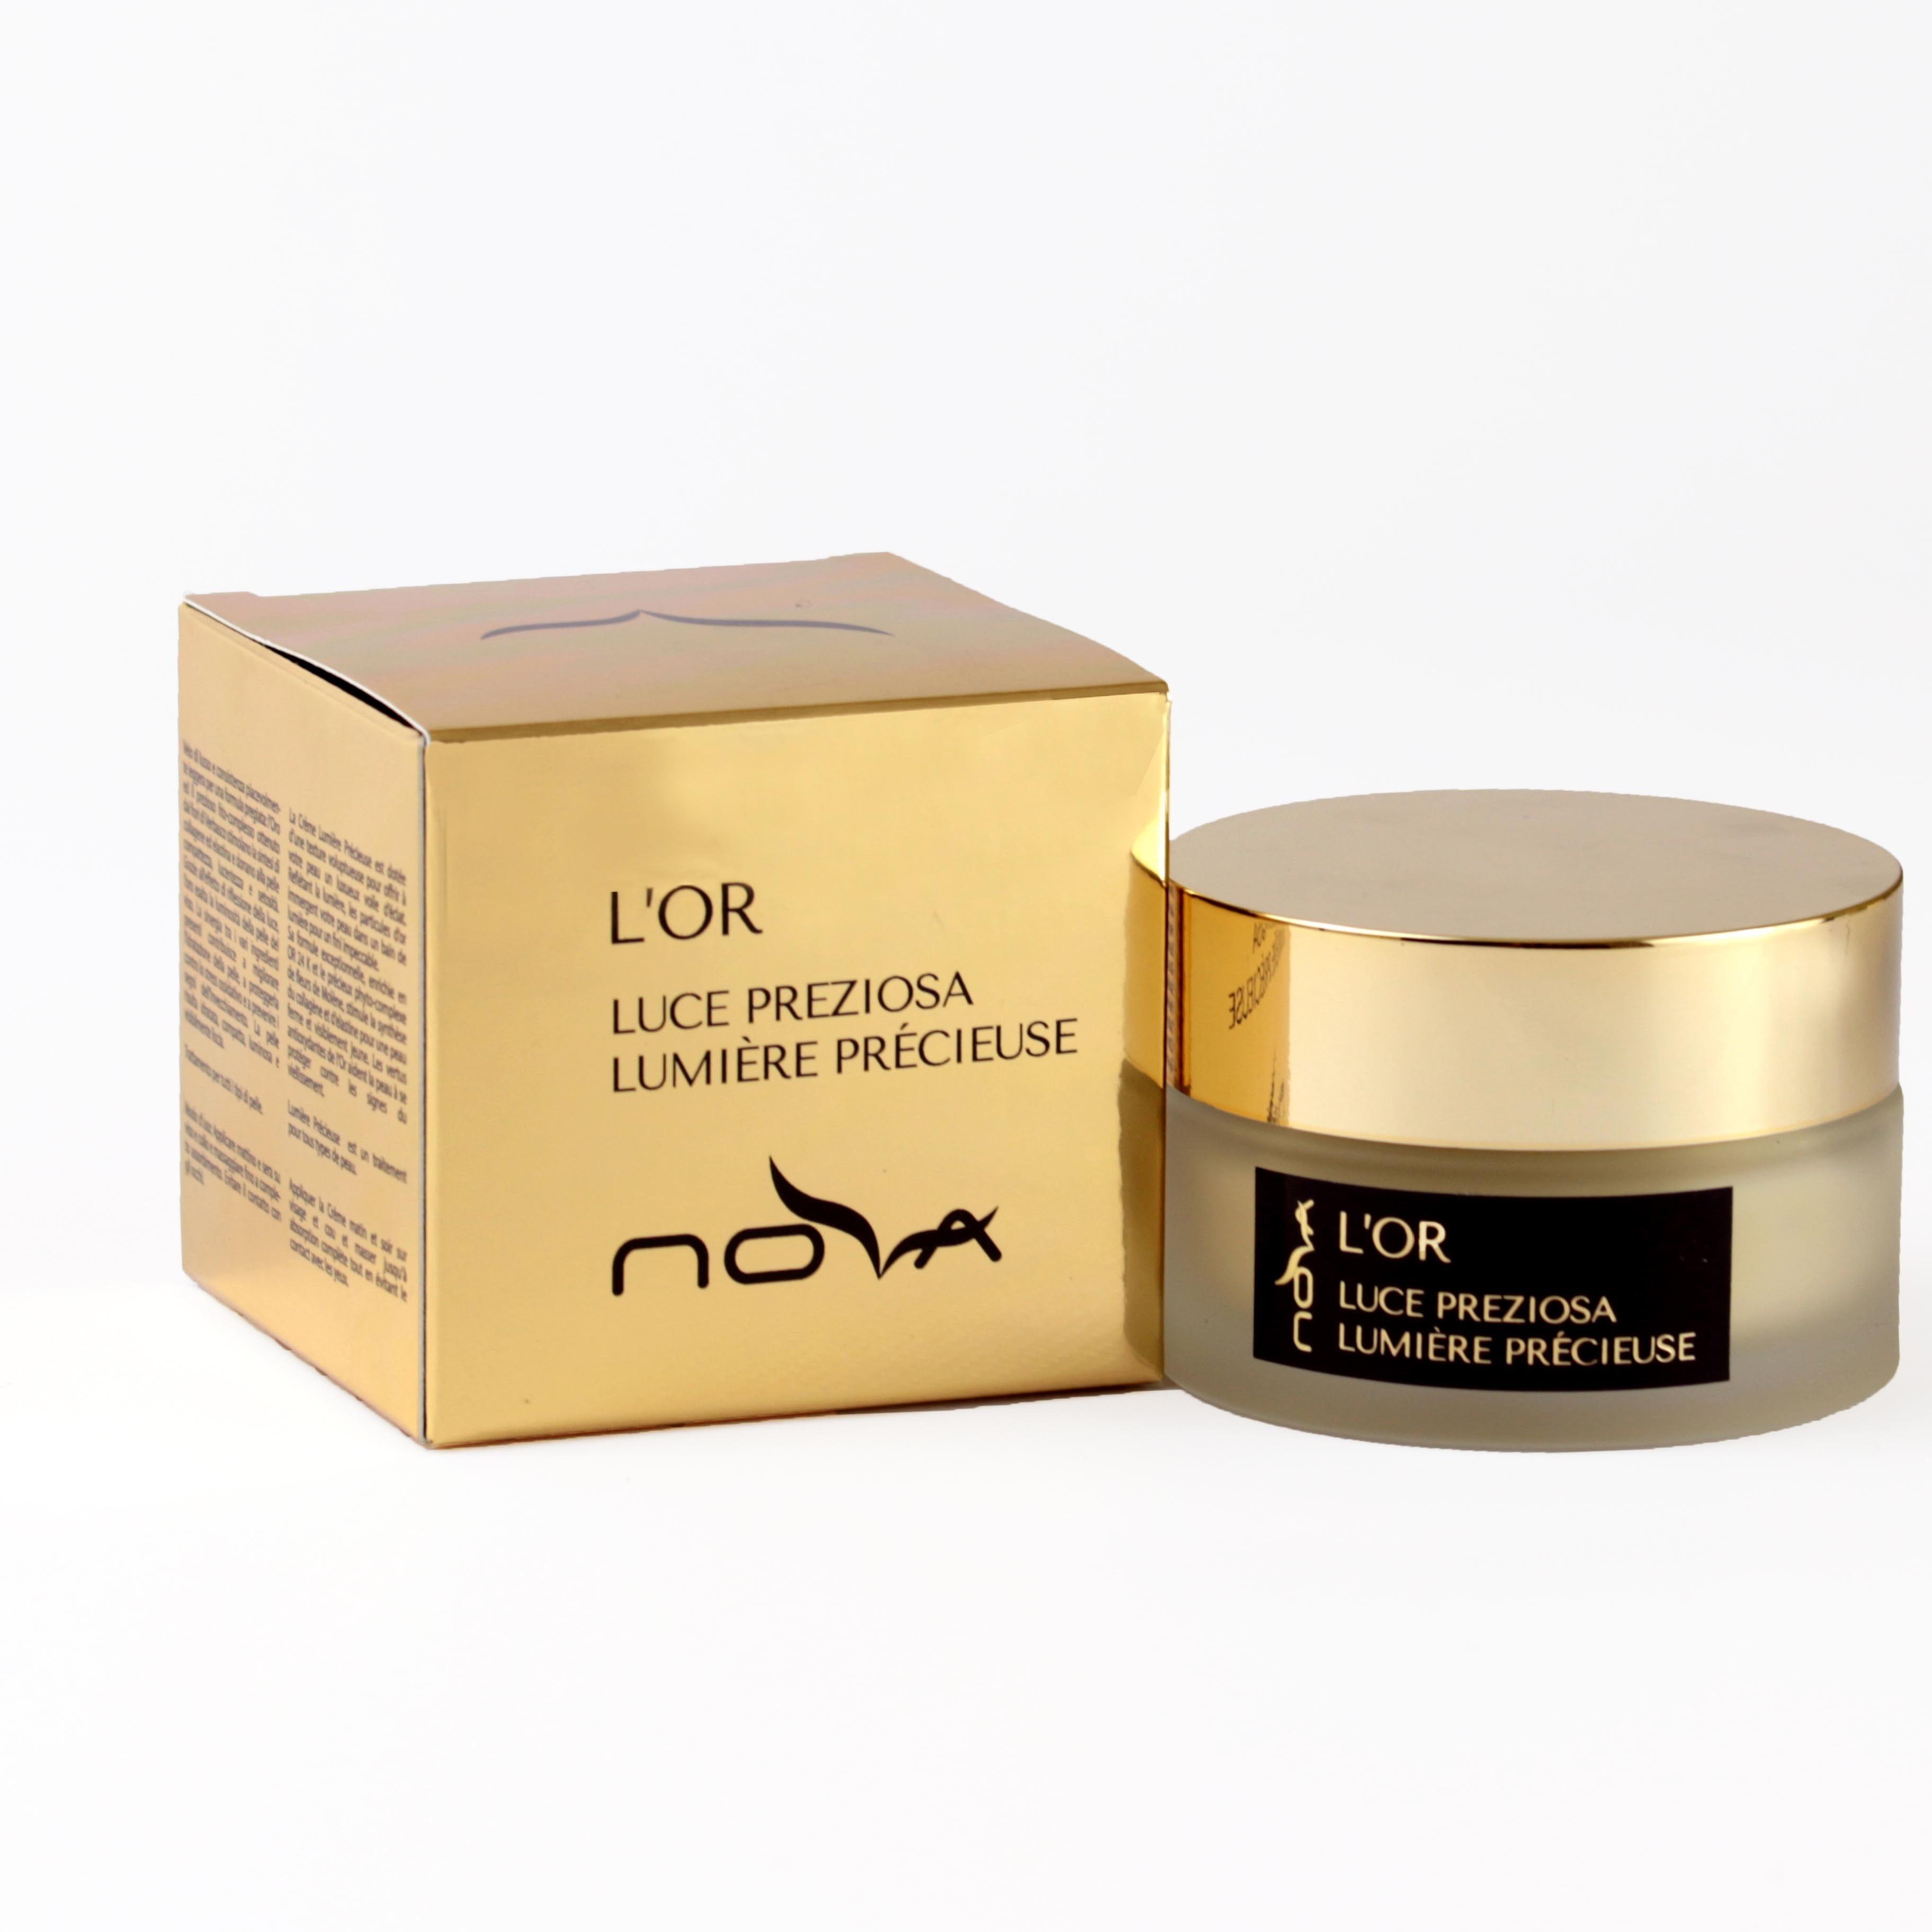 Novakosmetica - Crema Viso Preziosa Illuminante L'Or